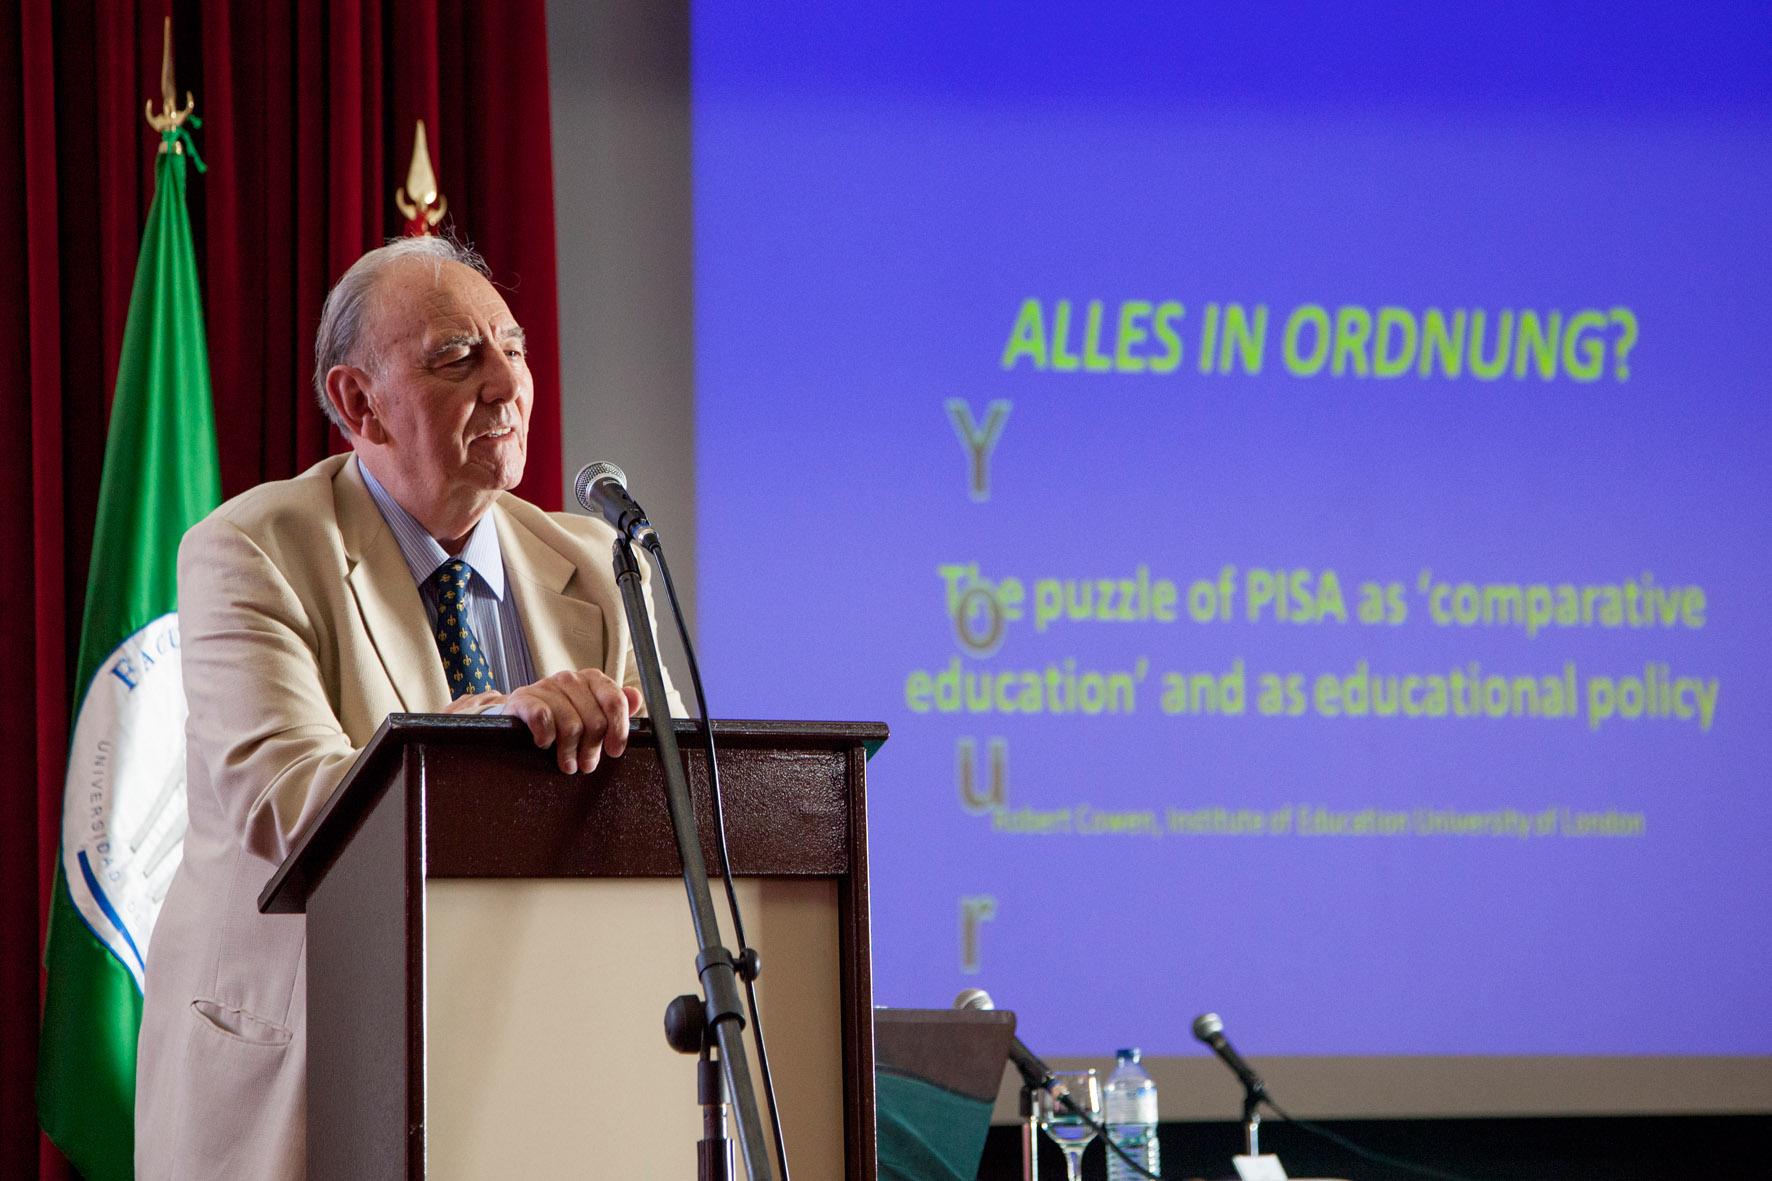 """Robert Cowen, experto en Educación Comparada de la Universidad de Londres: """"El problema no es en qué falla el informe PISA técnicamente, sino políticamente"""""""